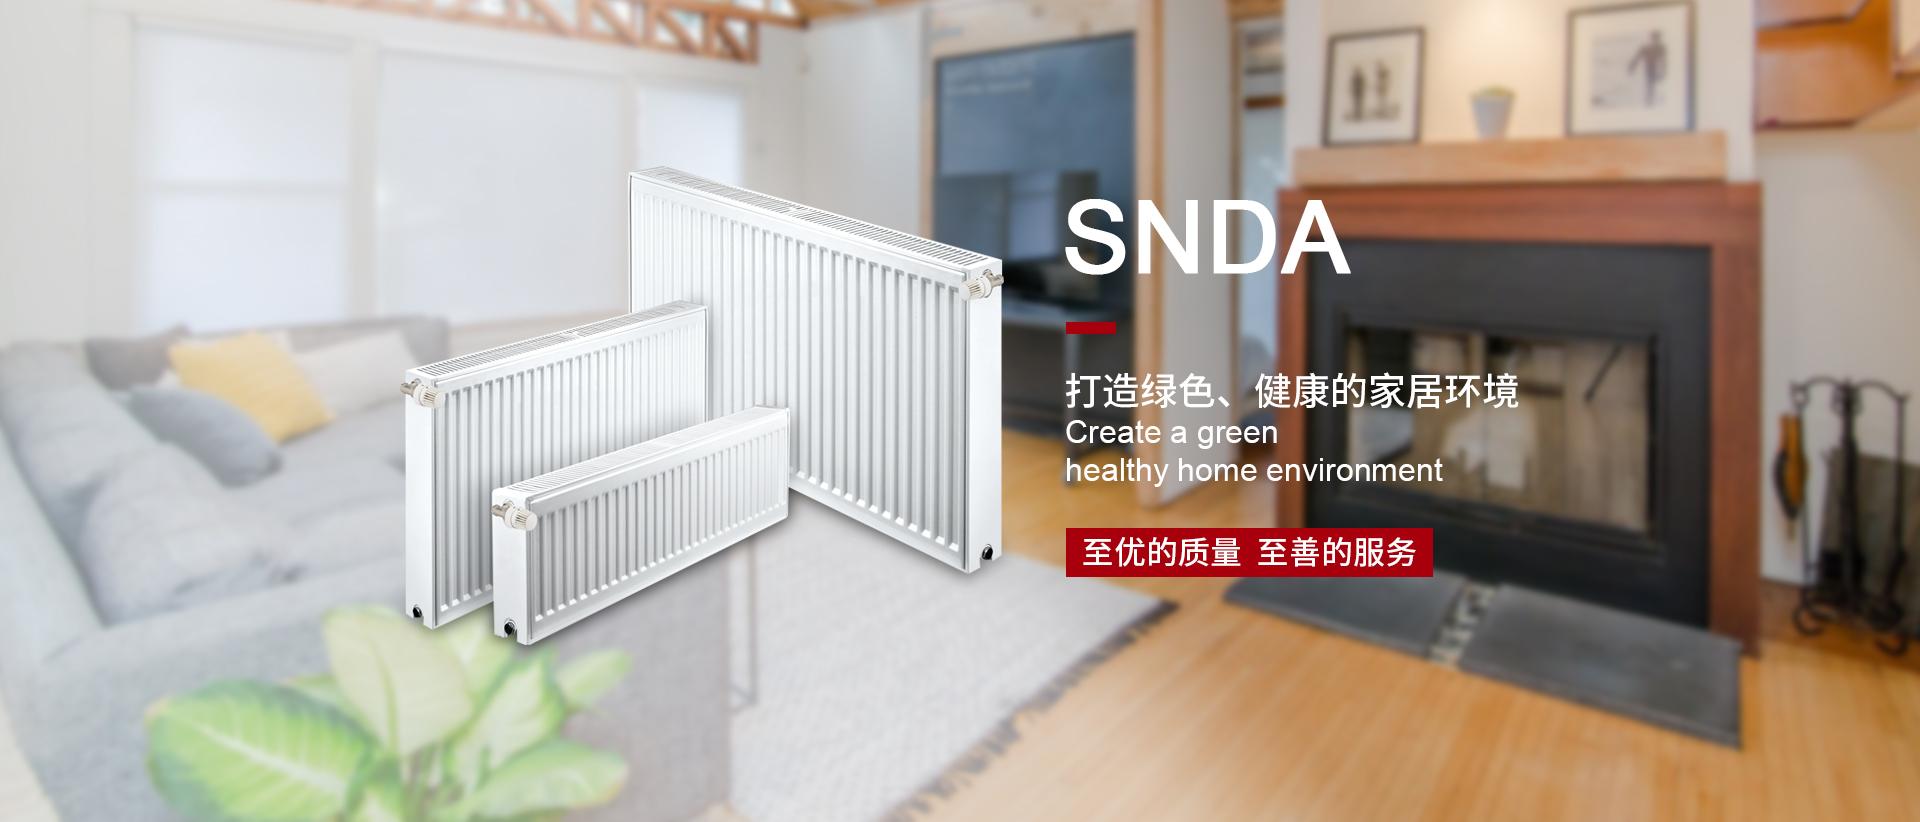 意大利SNDA(中国)生产运营中心